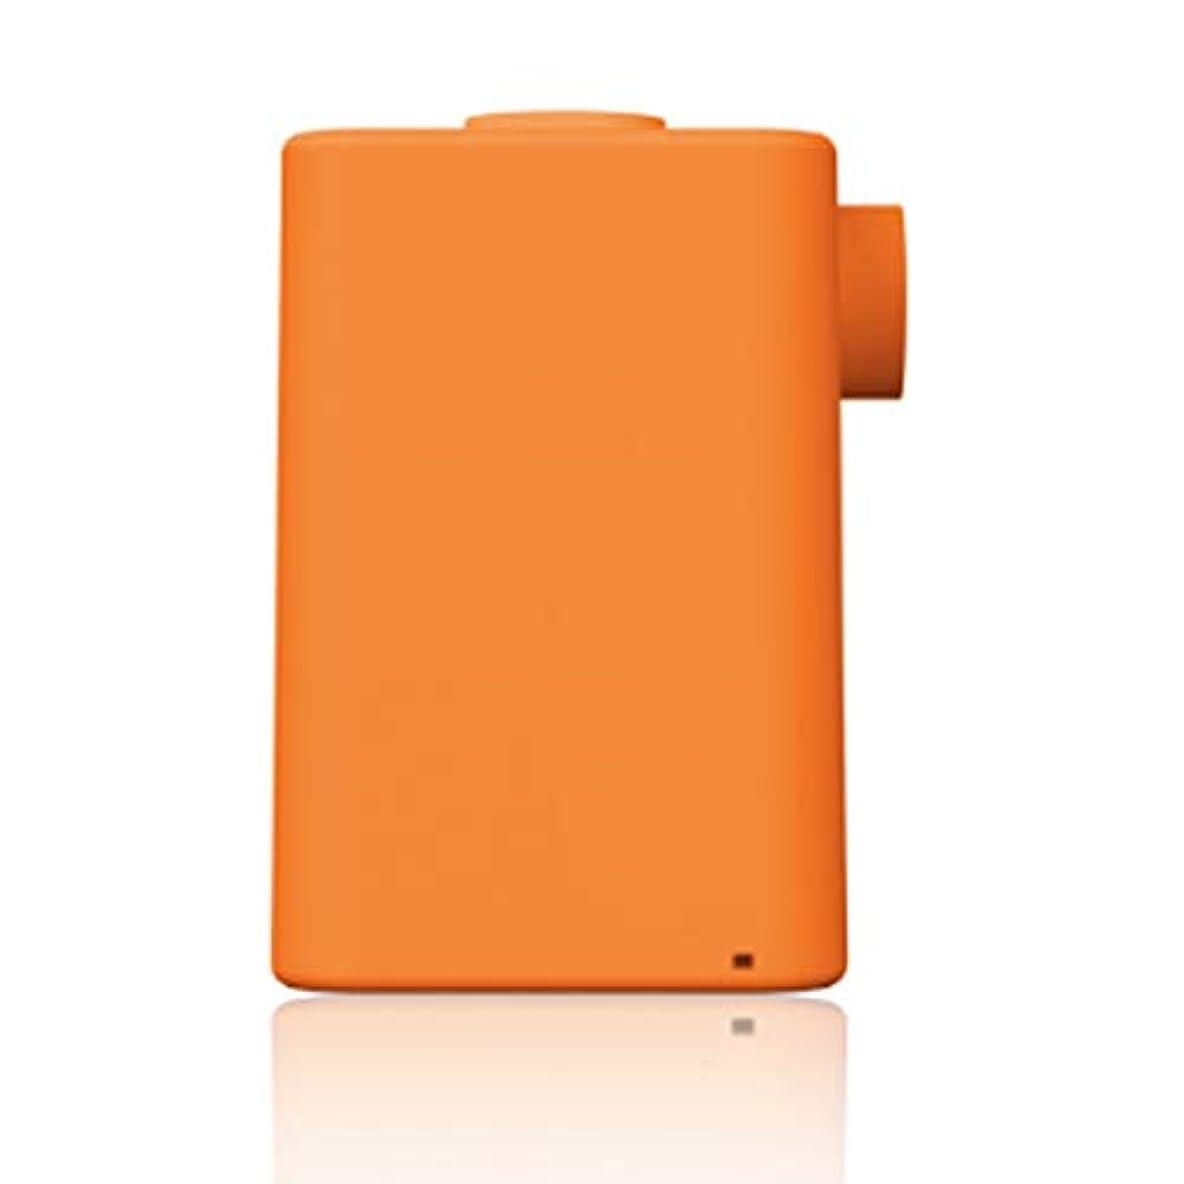 オーブンレビュアーレザーARTYGYD 3600mAhバッテリーUSB充電式最軽量エアポンプ付きポータブルエアーポンプ